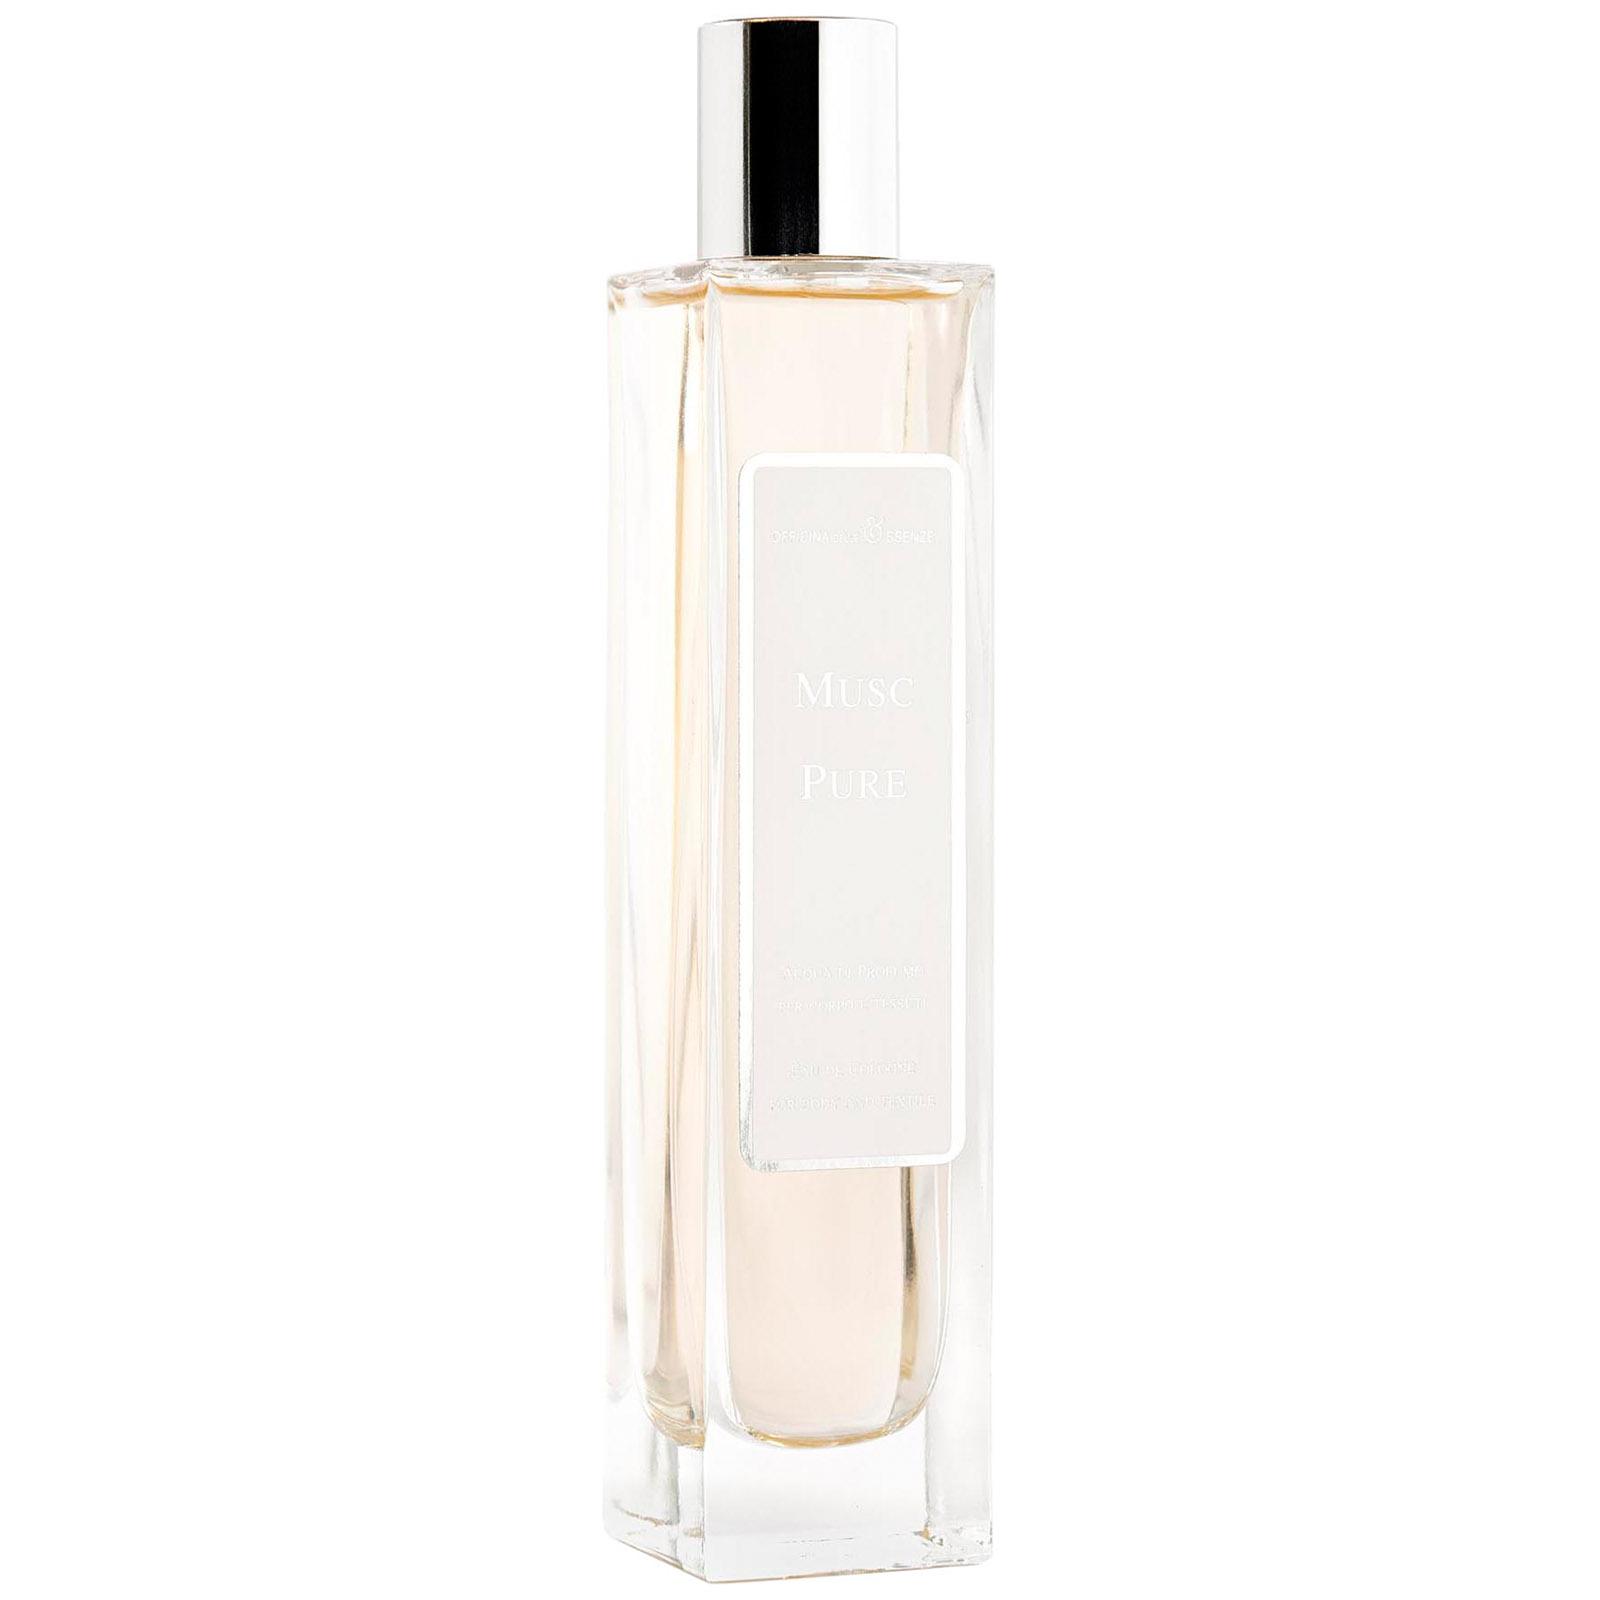 Musk pure profumo eau de cologne 100 ml